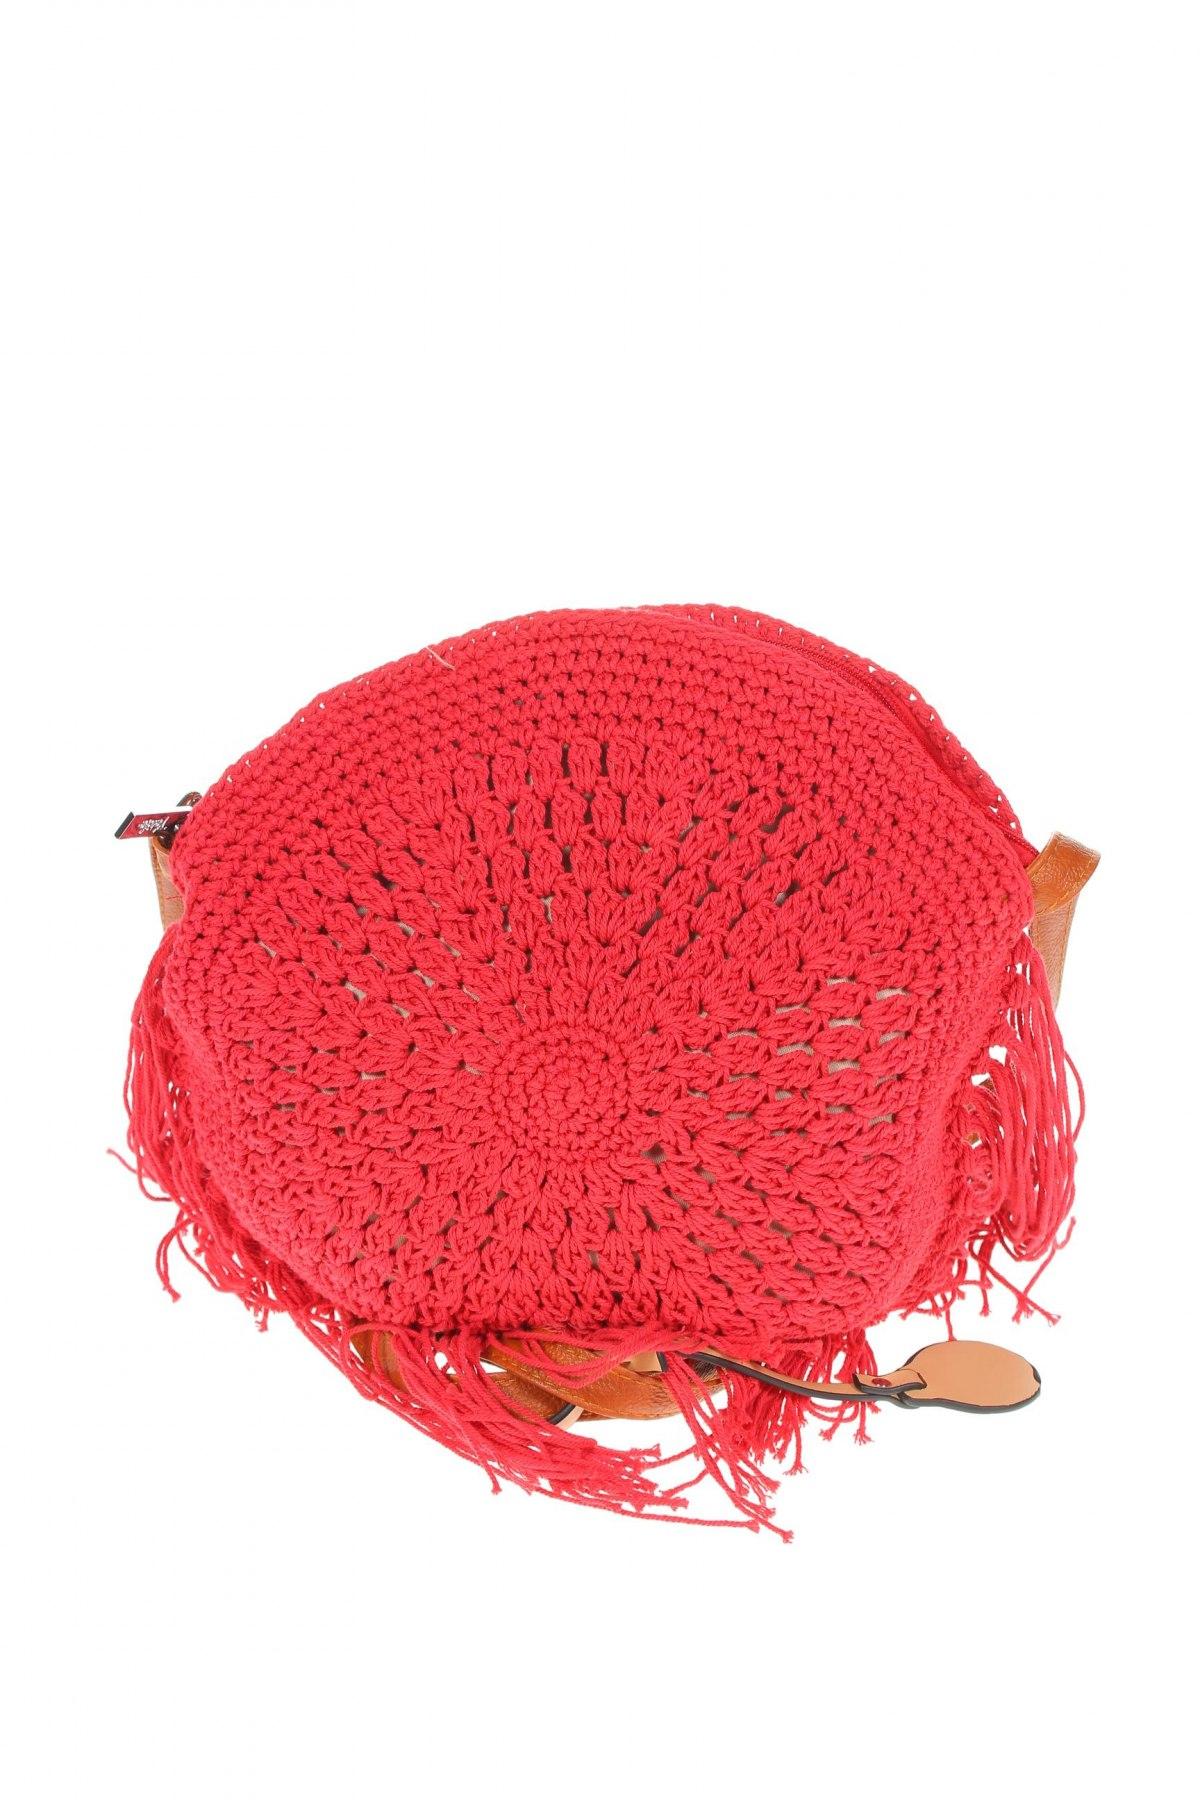 Дамска чанта Verde, Цвят Червен, Текстил, Цена 27,60лв.